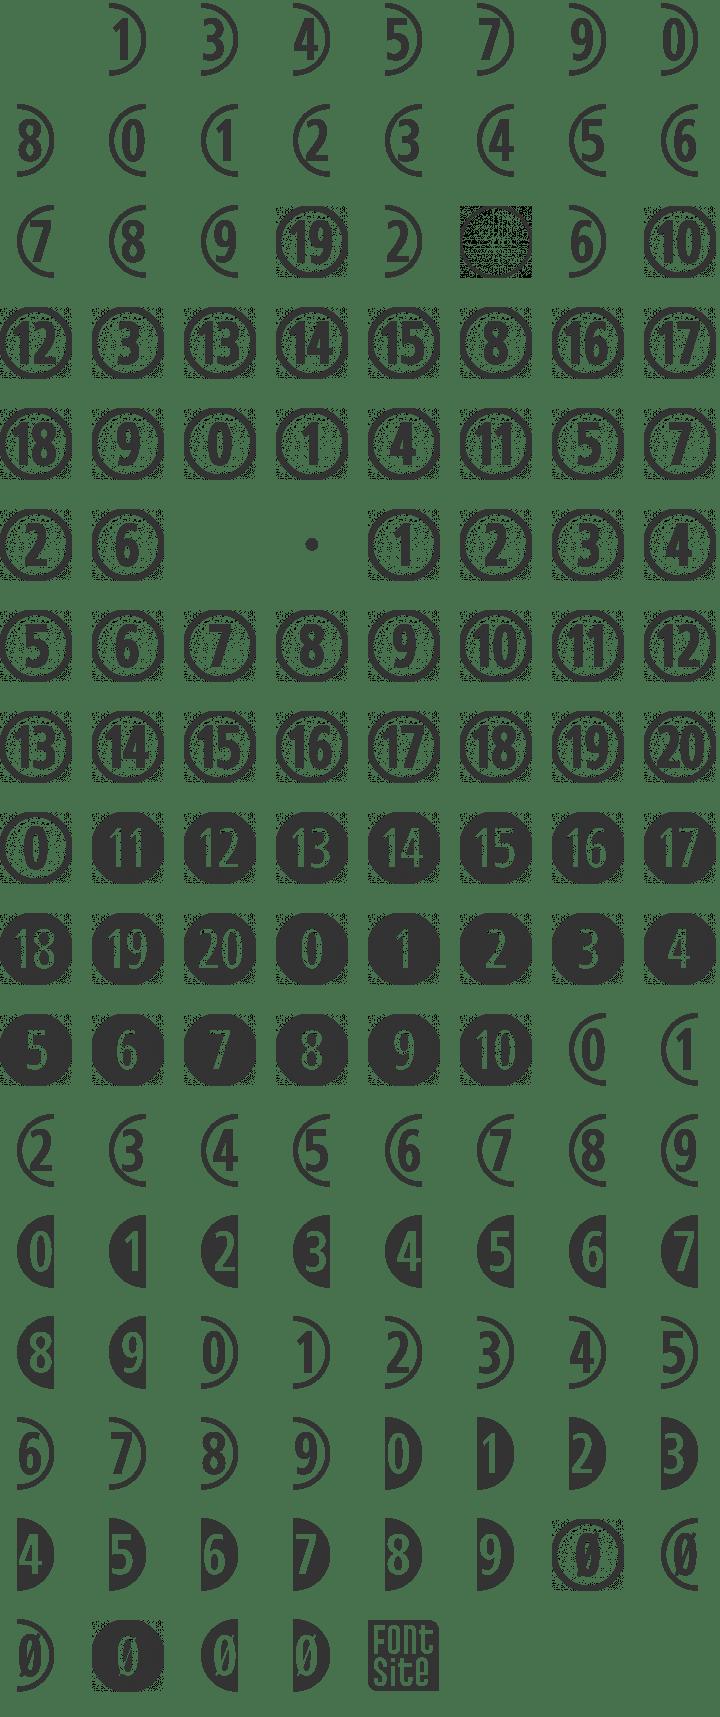 CombiNumerals Ltd Font Free by FontSite Inc. » Font Squirrel